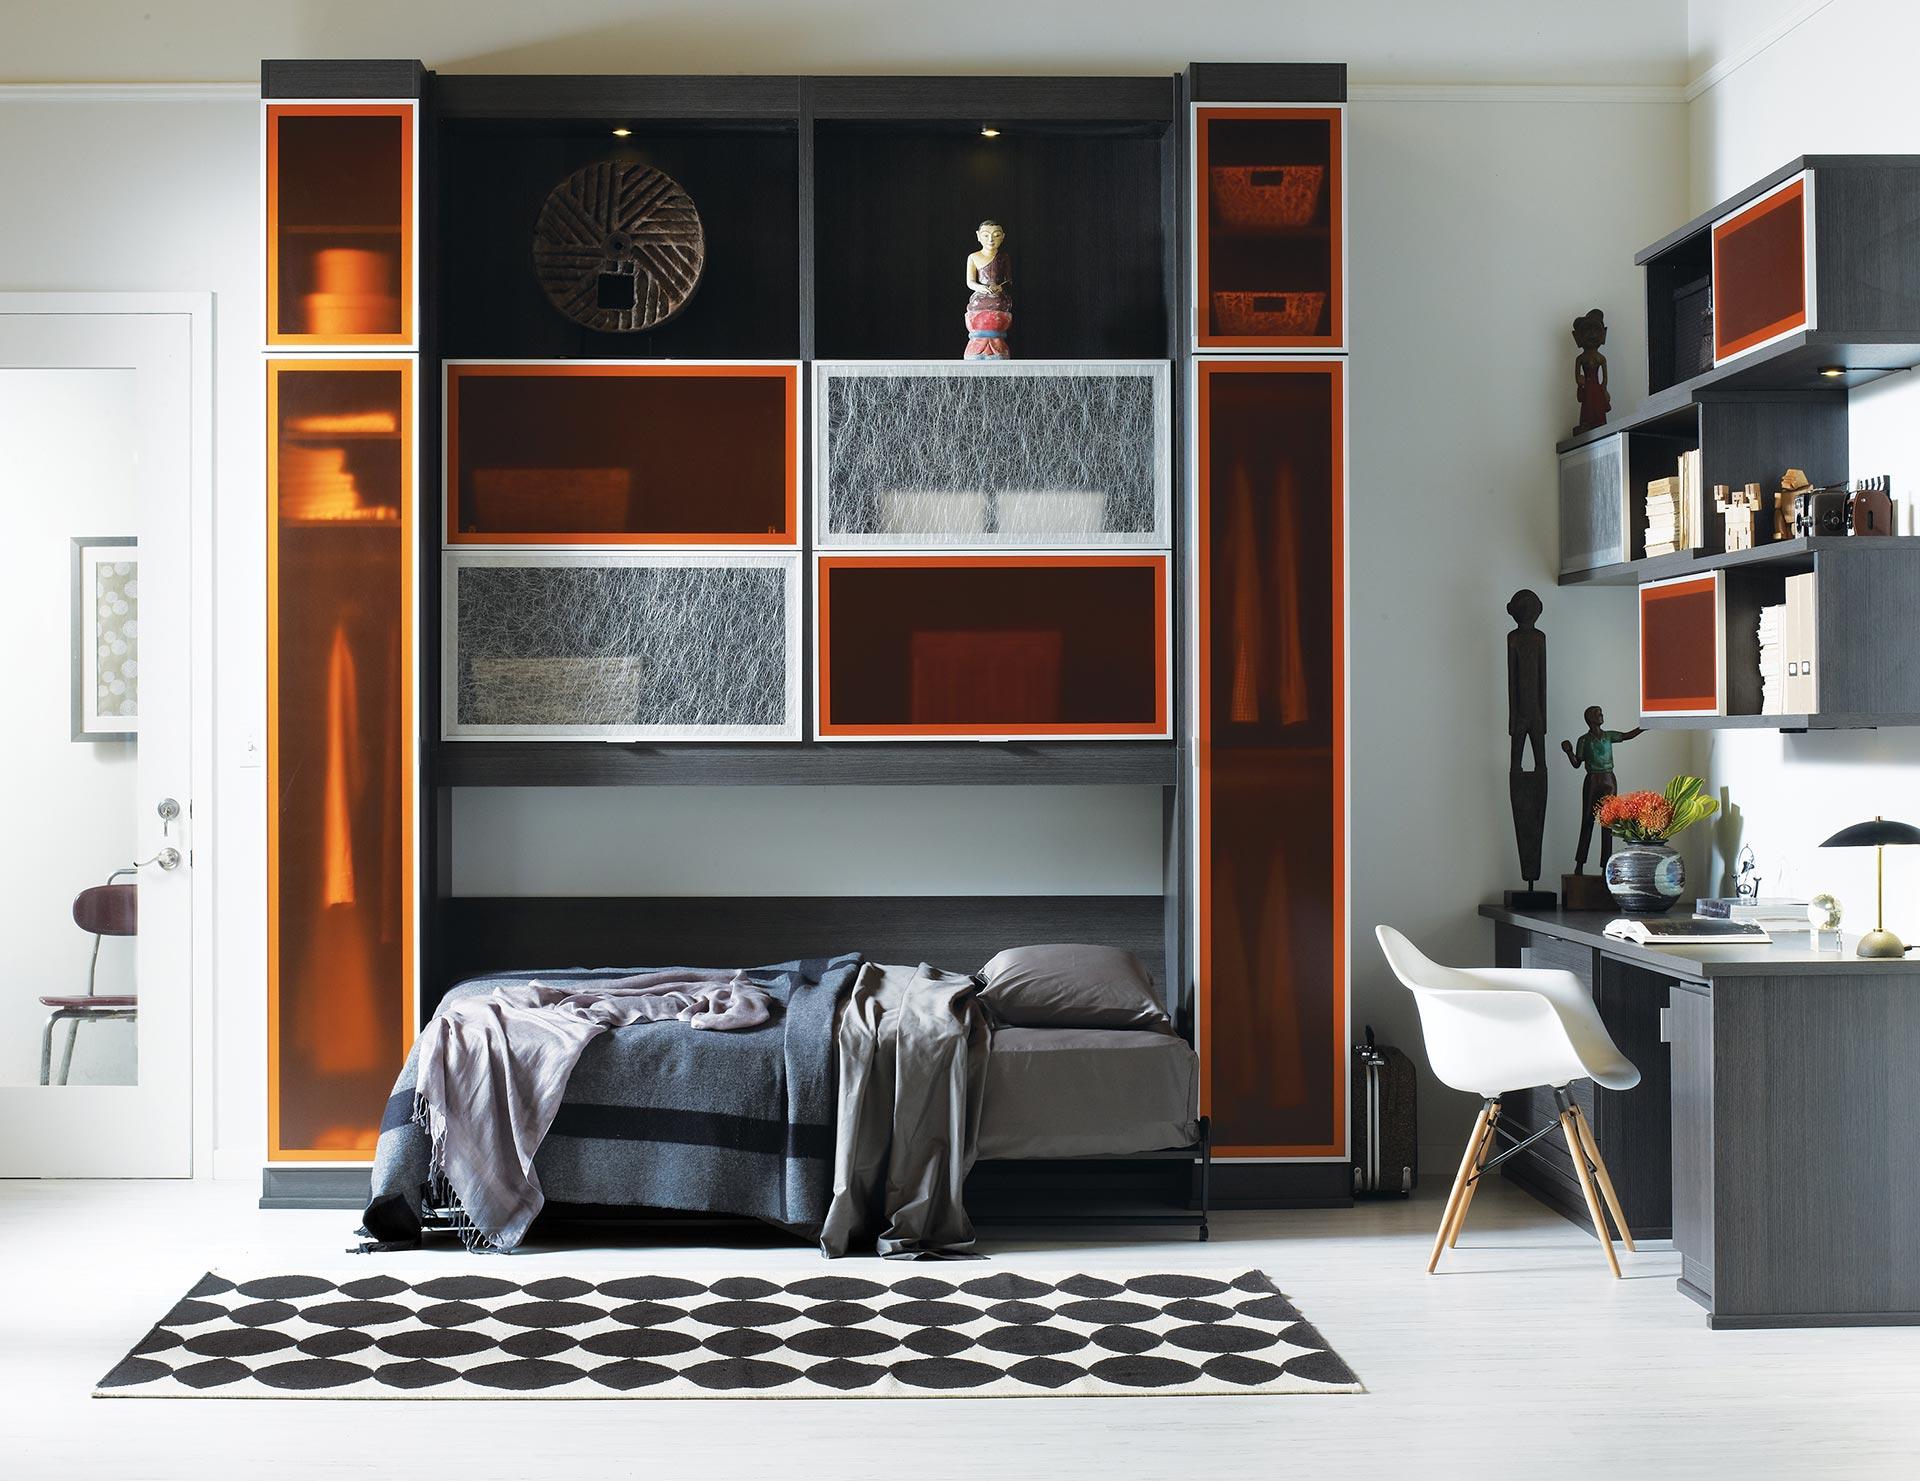 California closets murphy bed - California Closets Ottawa Side Tilt Murphy Bed